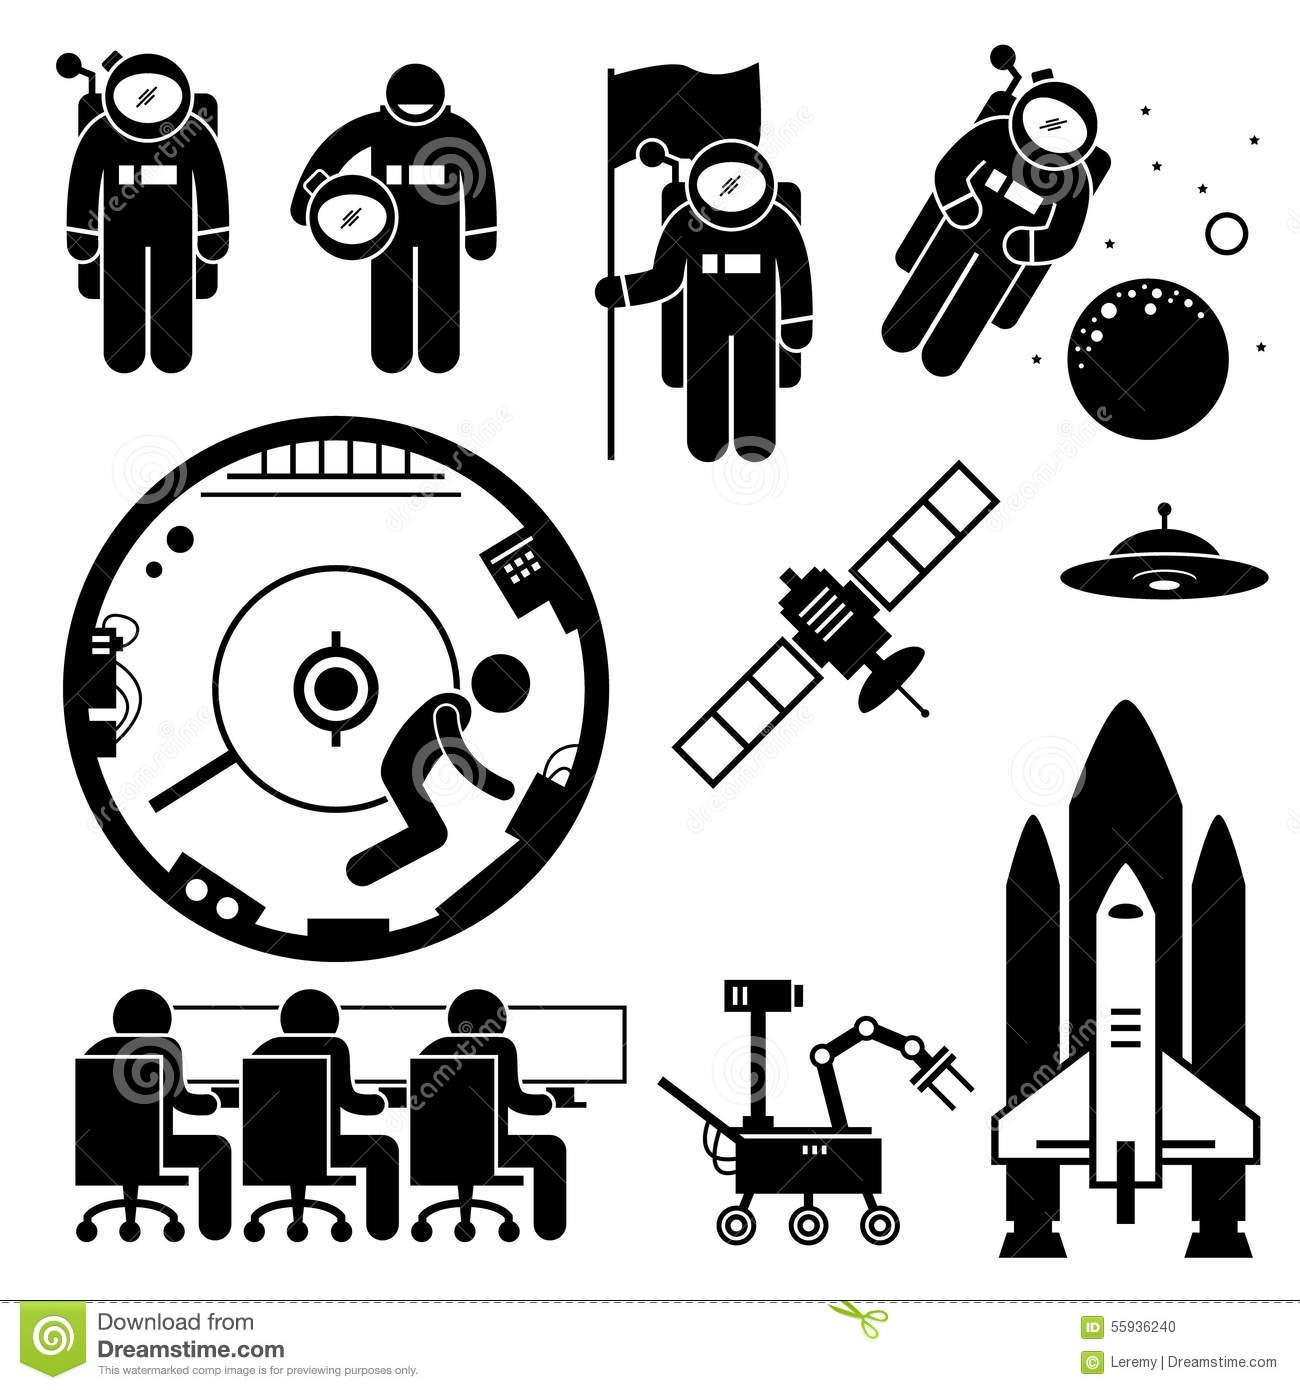 space exploration clipart - photo #44